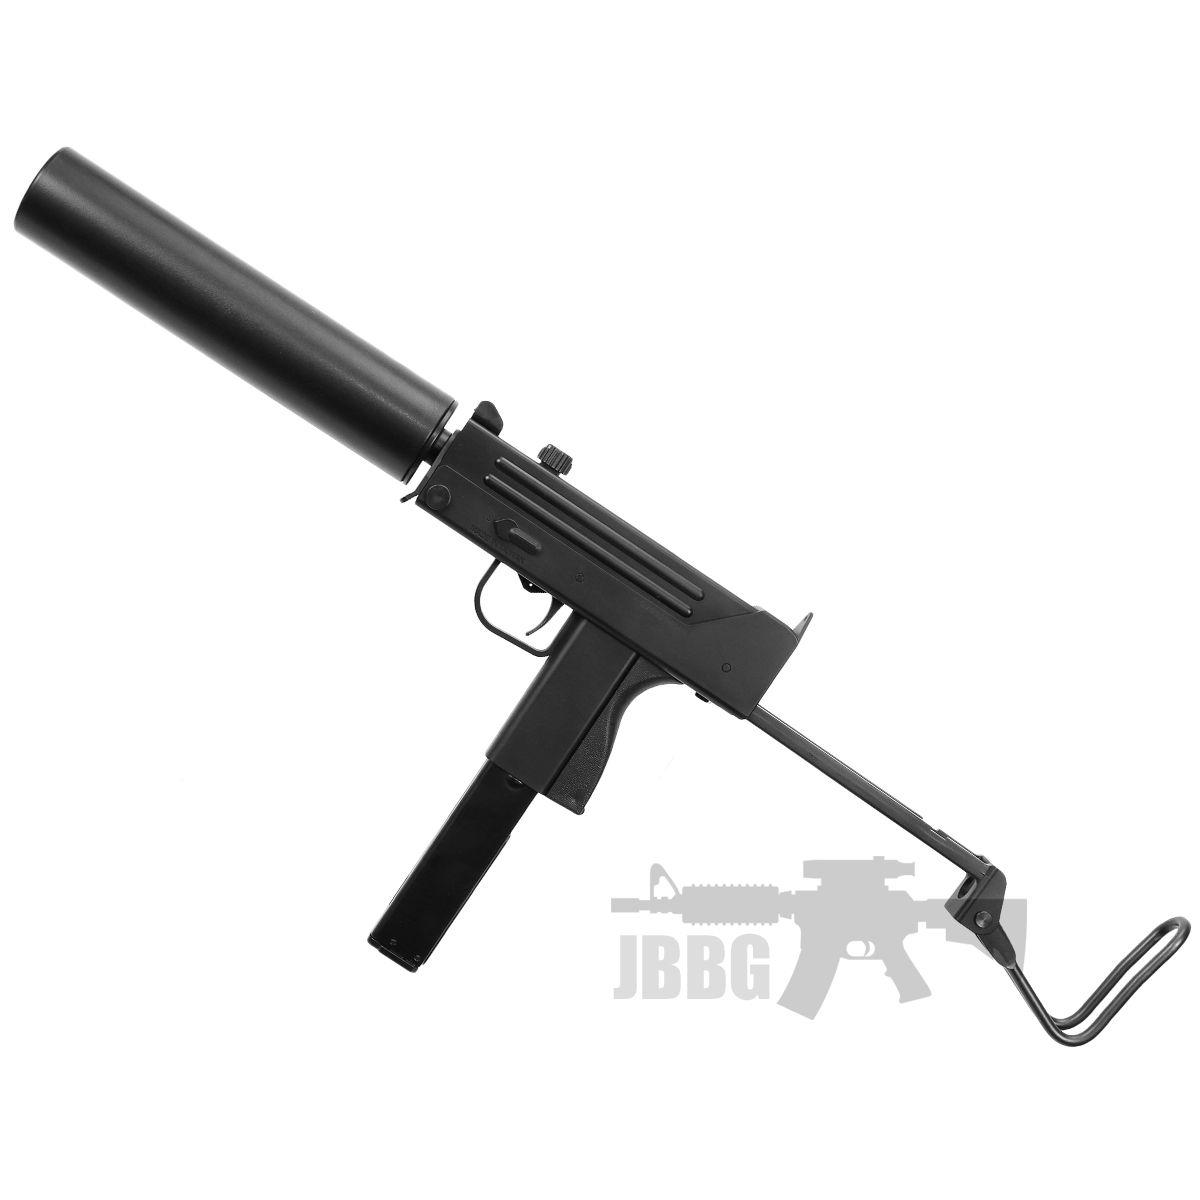 hg 203 airsoft gun 1